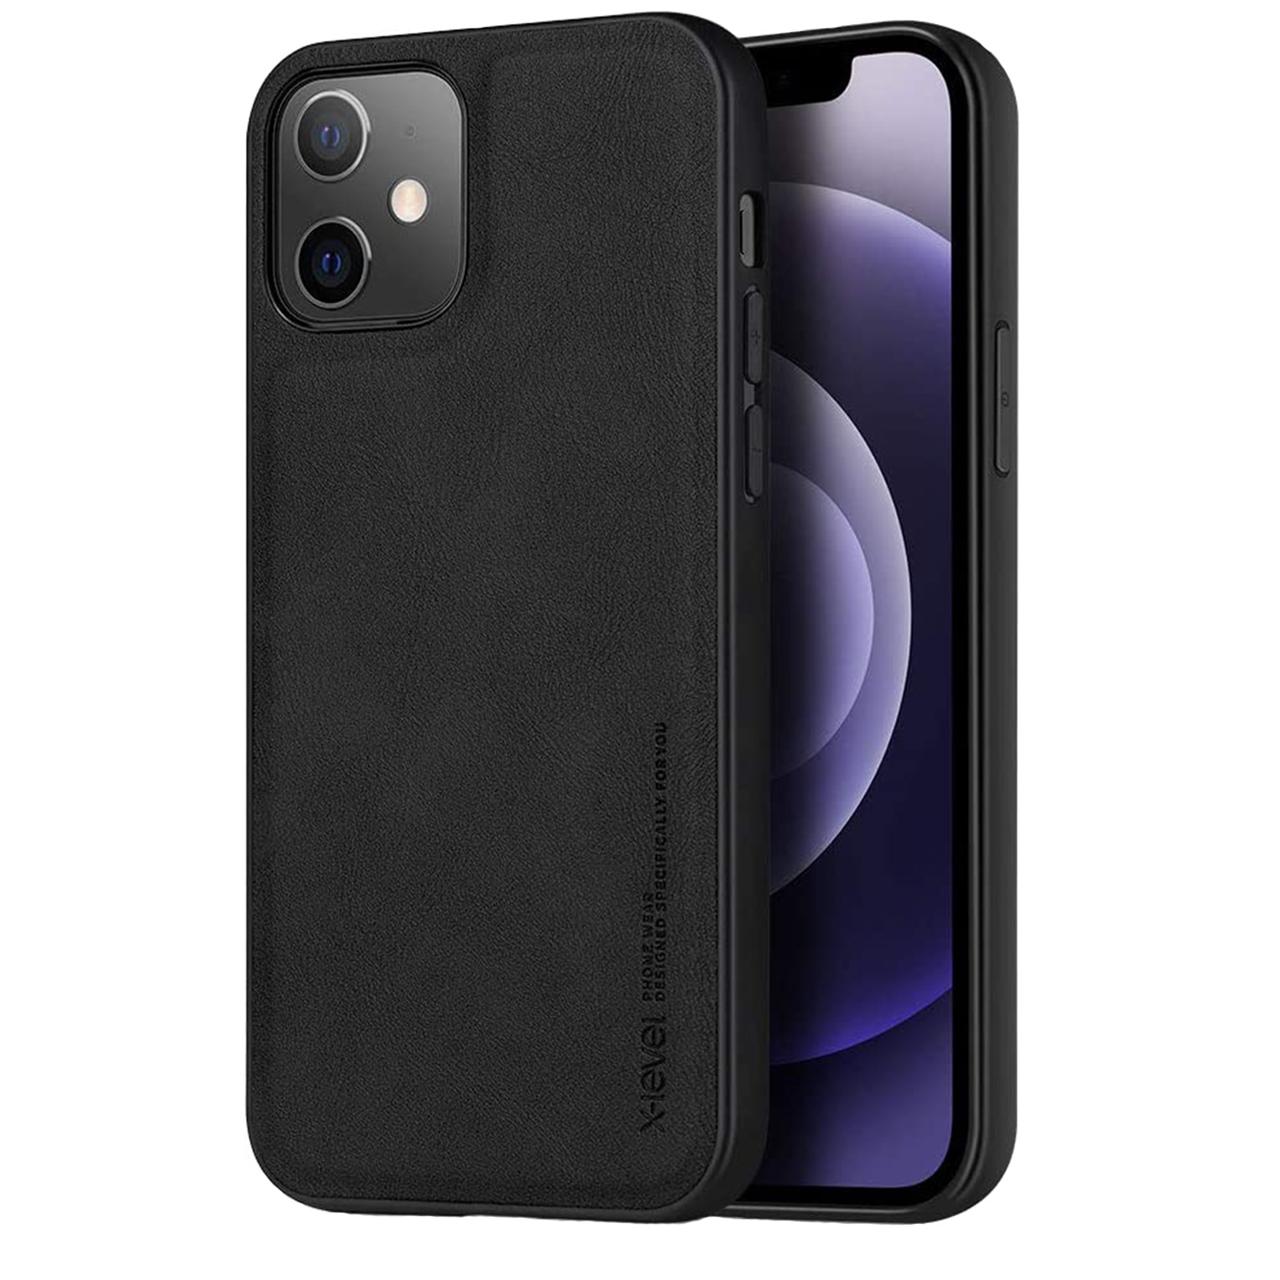 بررسی و {خرید با تخفیف} کاور ایکس لول مدل E8R13 مناسب برای گوشی موبایل اپل iPhone 12 ProMax اصل